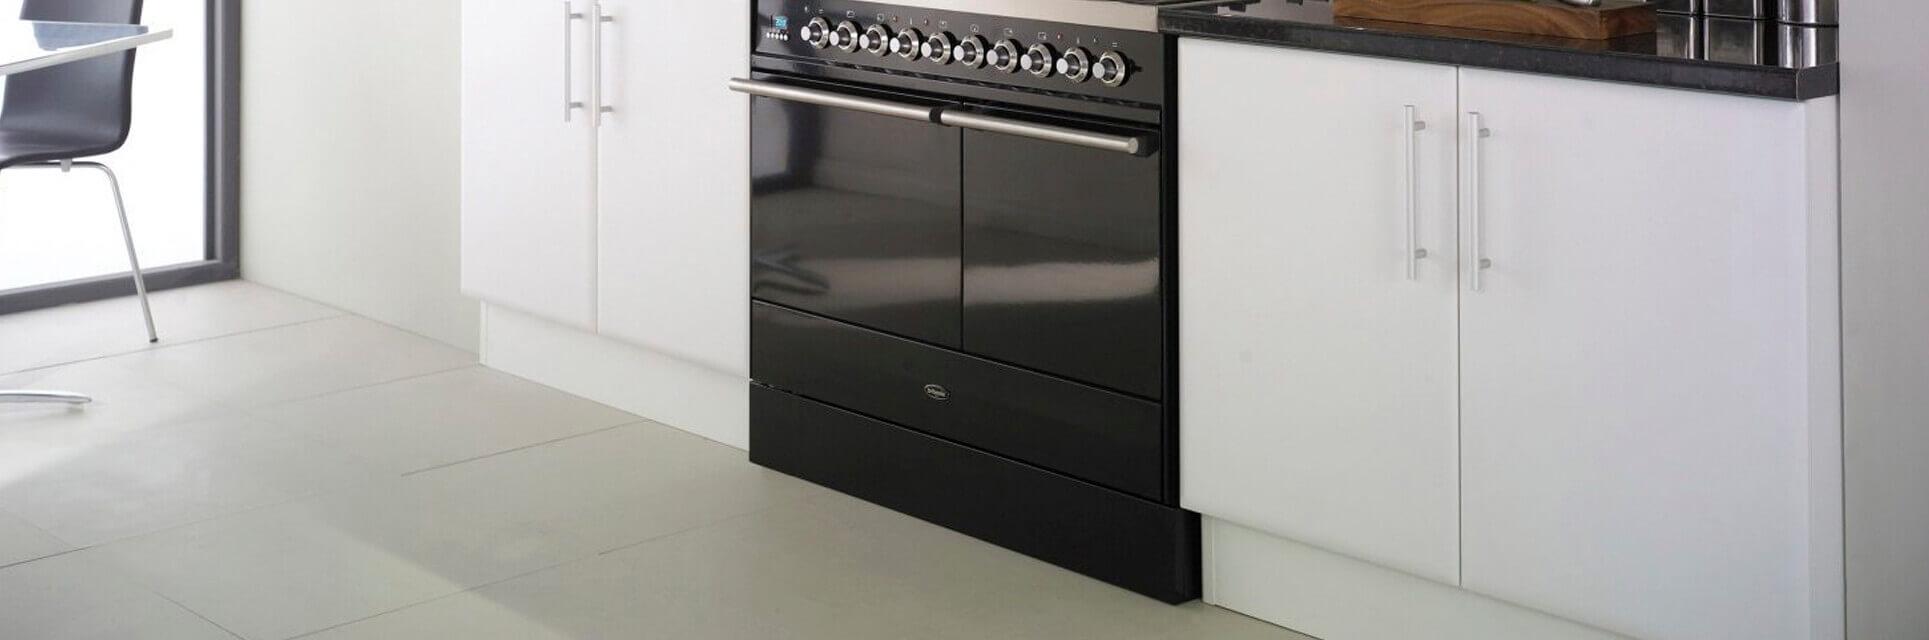 Servicio técnico hornos balay